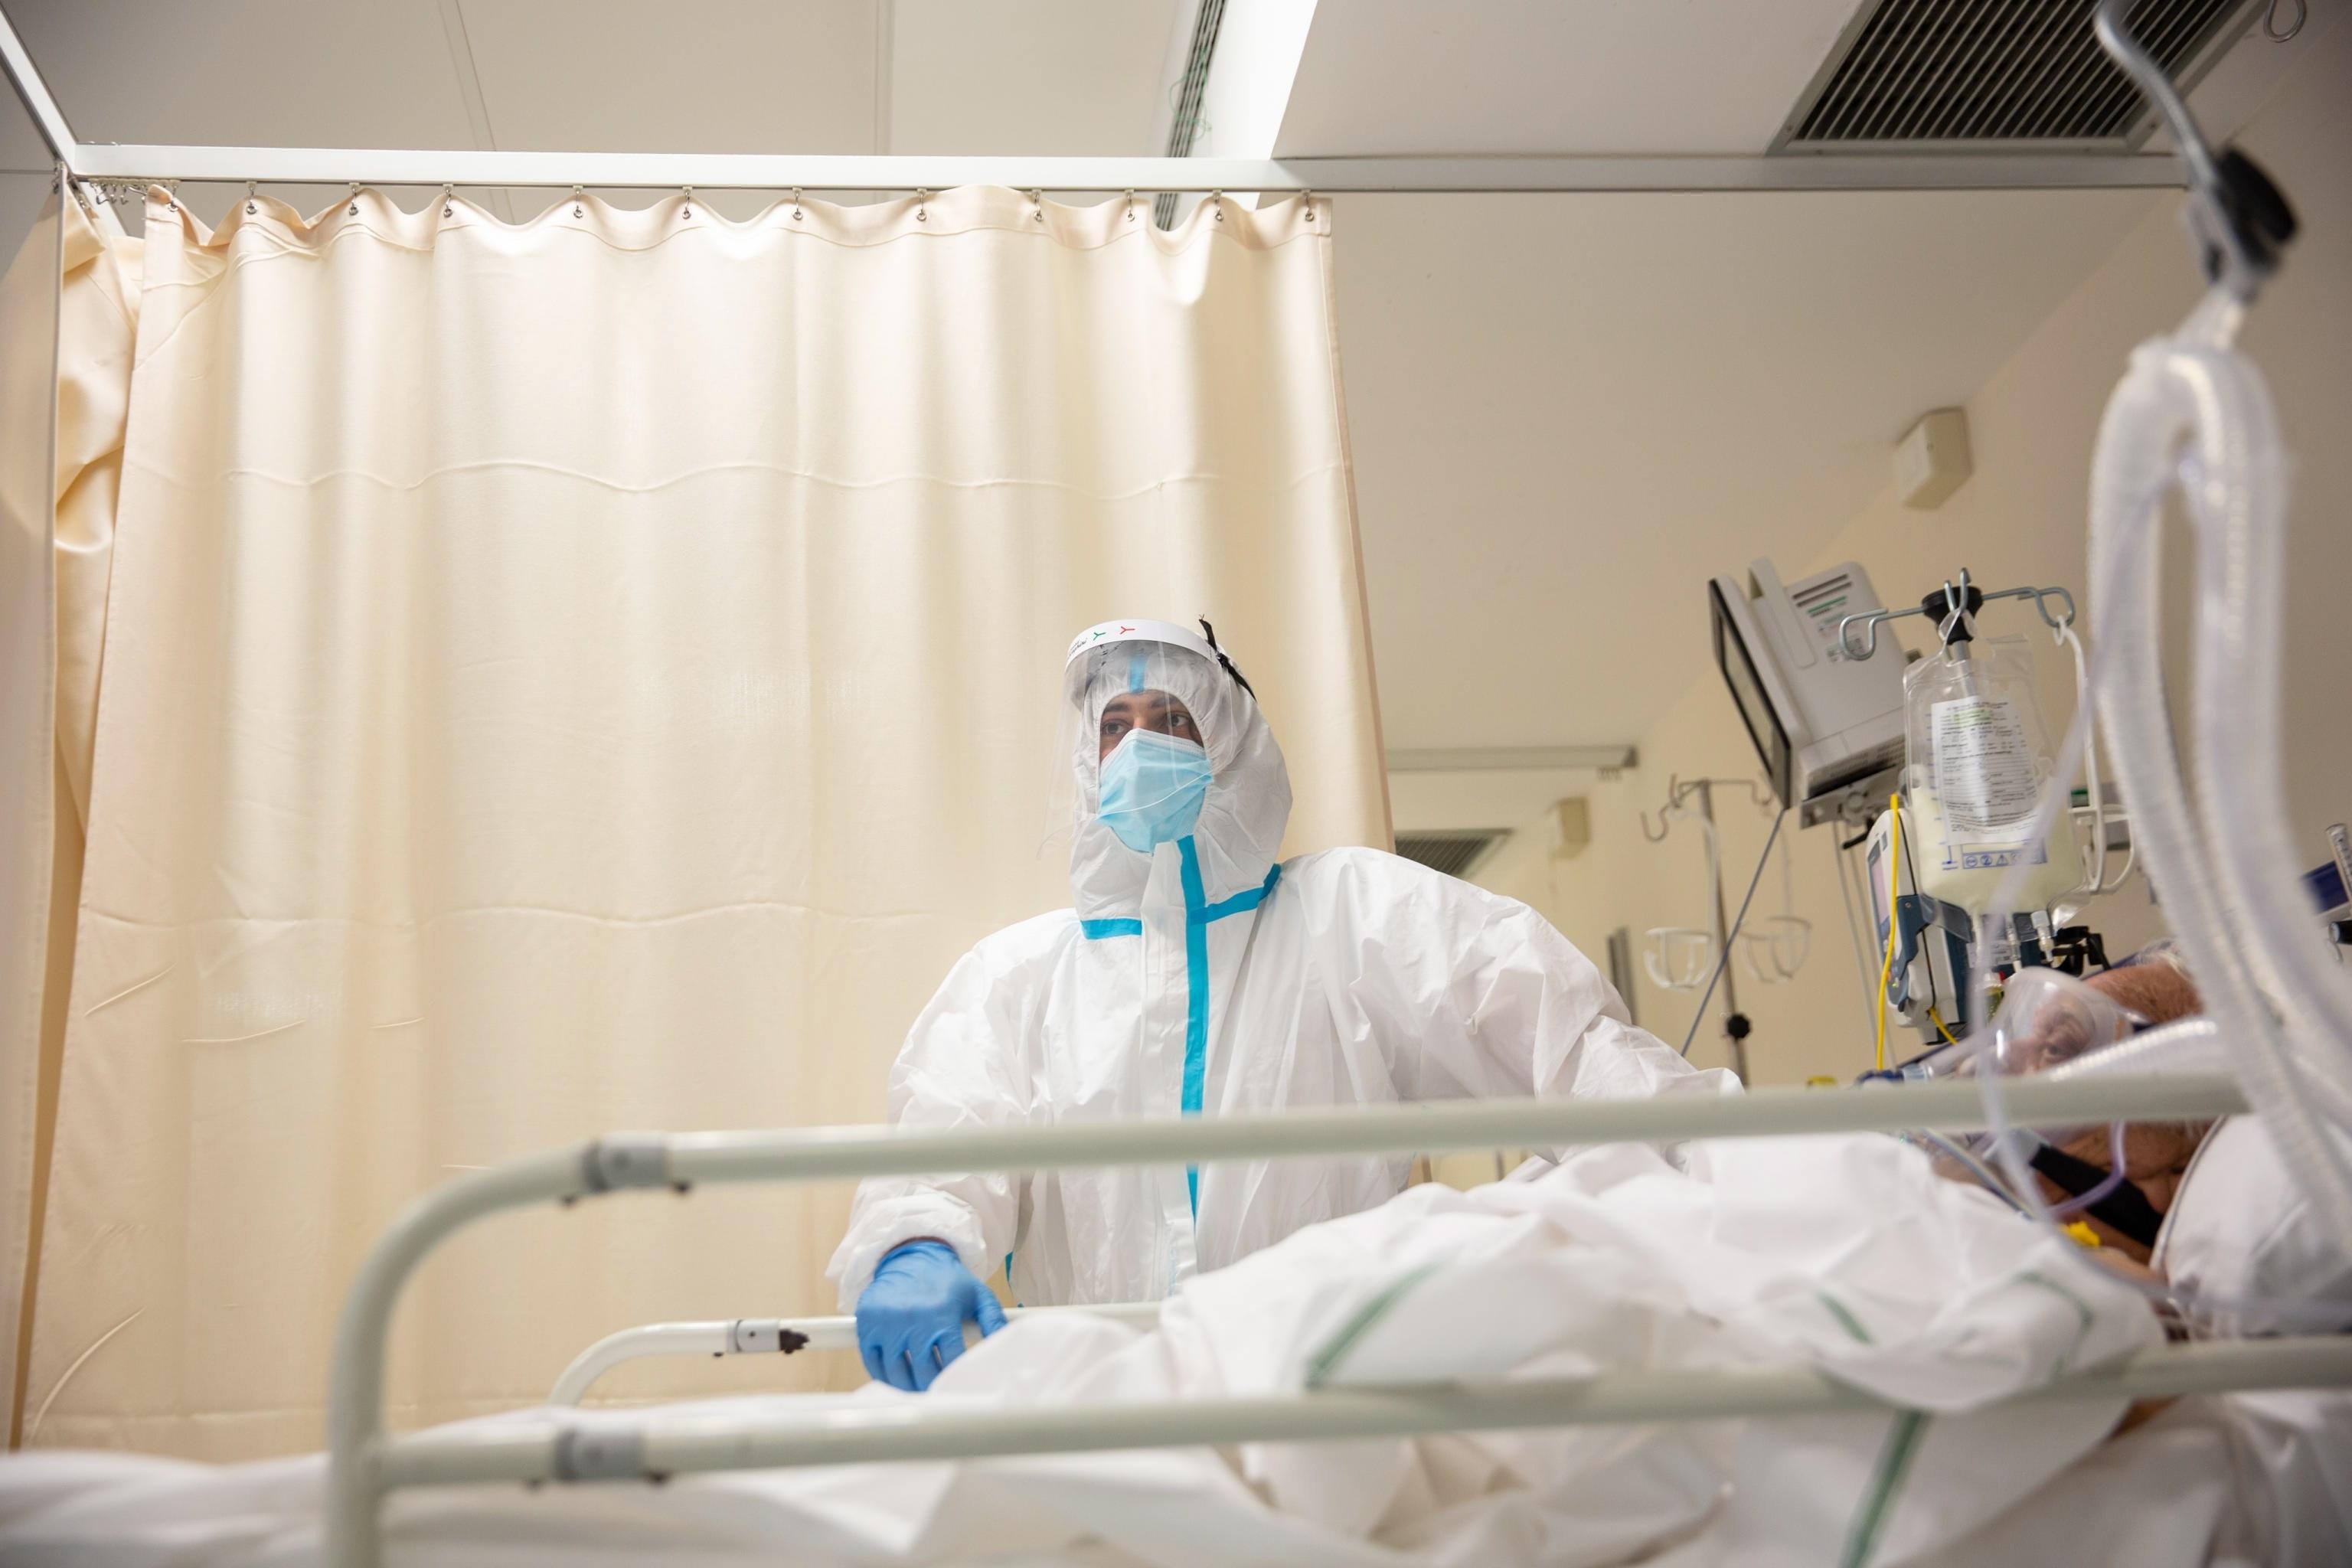 Los casos globales de COVID-19 ascendieron hoy a 53,1 millones, después de que se registraran más de 657.000 en las últimas 24 horas, una nueva cifra récord de casos diarios, según los datos de la Organización Mundial de la Salud.